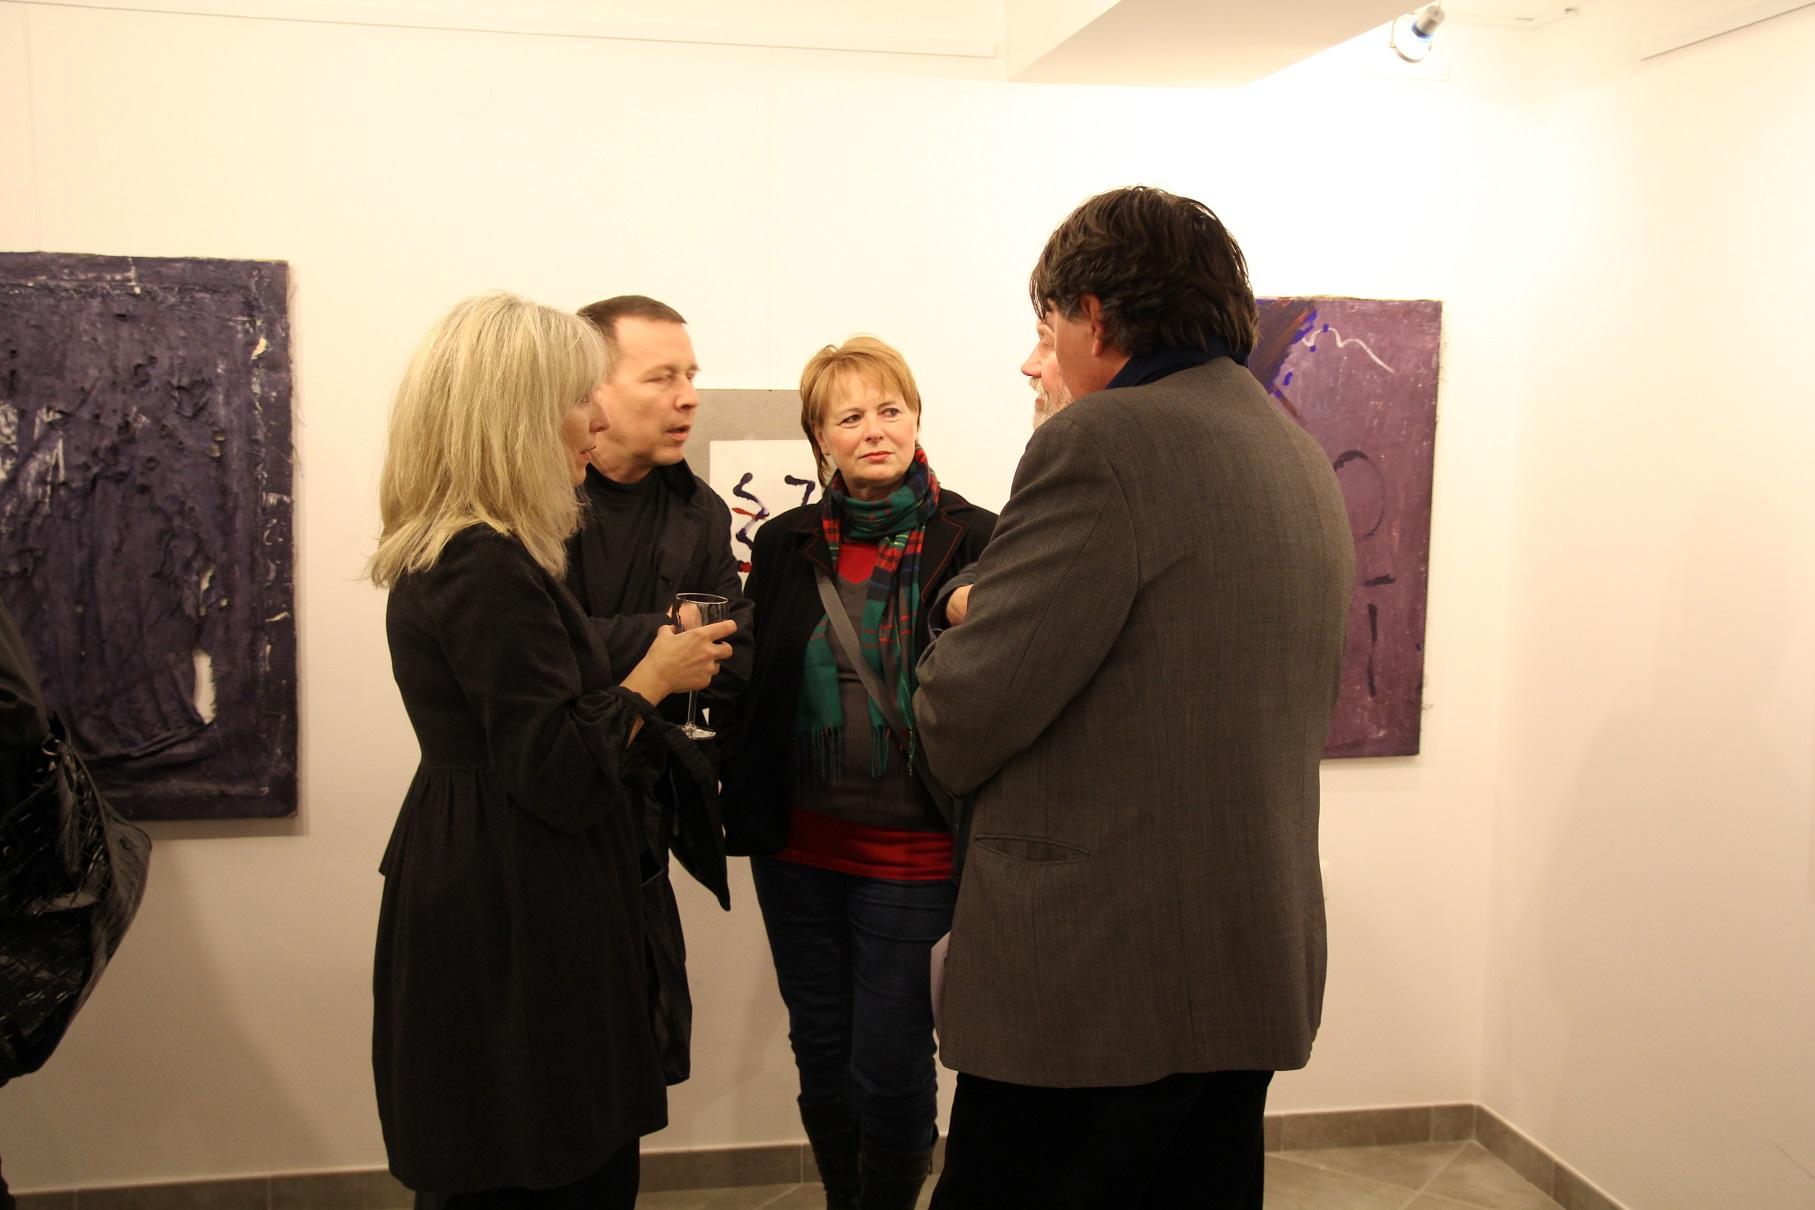 """Wernisaż wystawy """"Jacek Sempoliński. Obecność"""". Galeria sztuki spa spot w Nałęczowie, grudzień 2012 roku."""